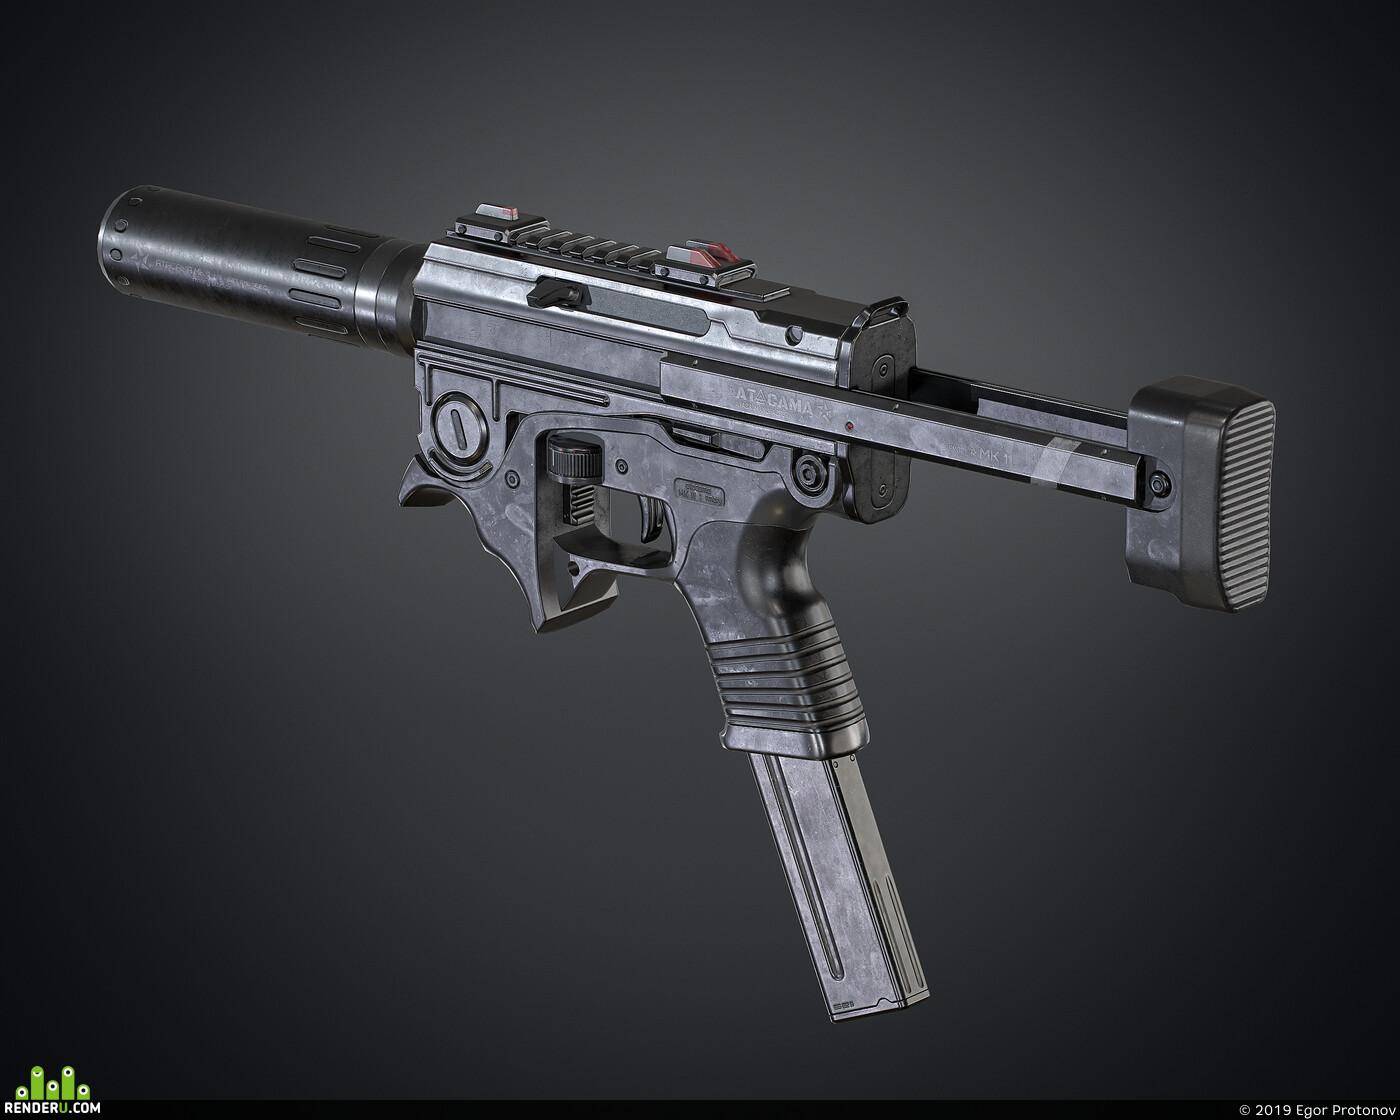 3d, gun, weapon, MK11, PBR, cg art, Компьютерная графика/CG, materials, Blender, substance painter